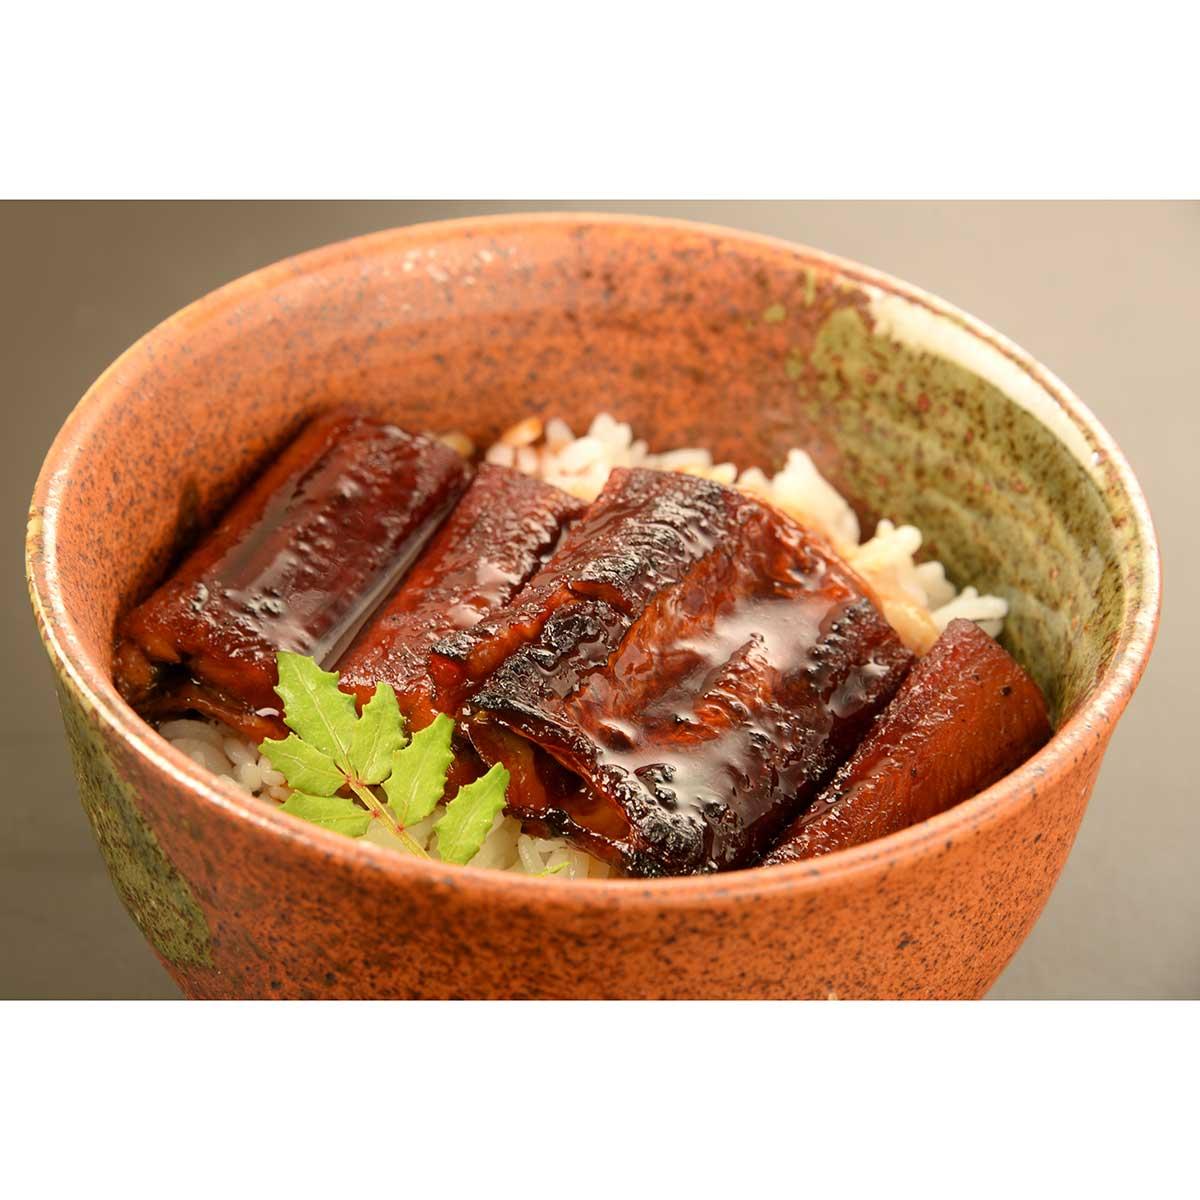 【中水食品工業】国産うなぎ蒲焼 3袋セット